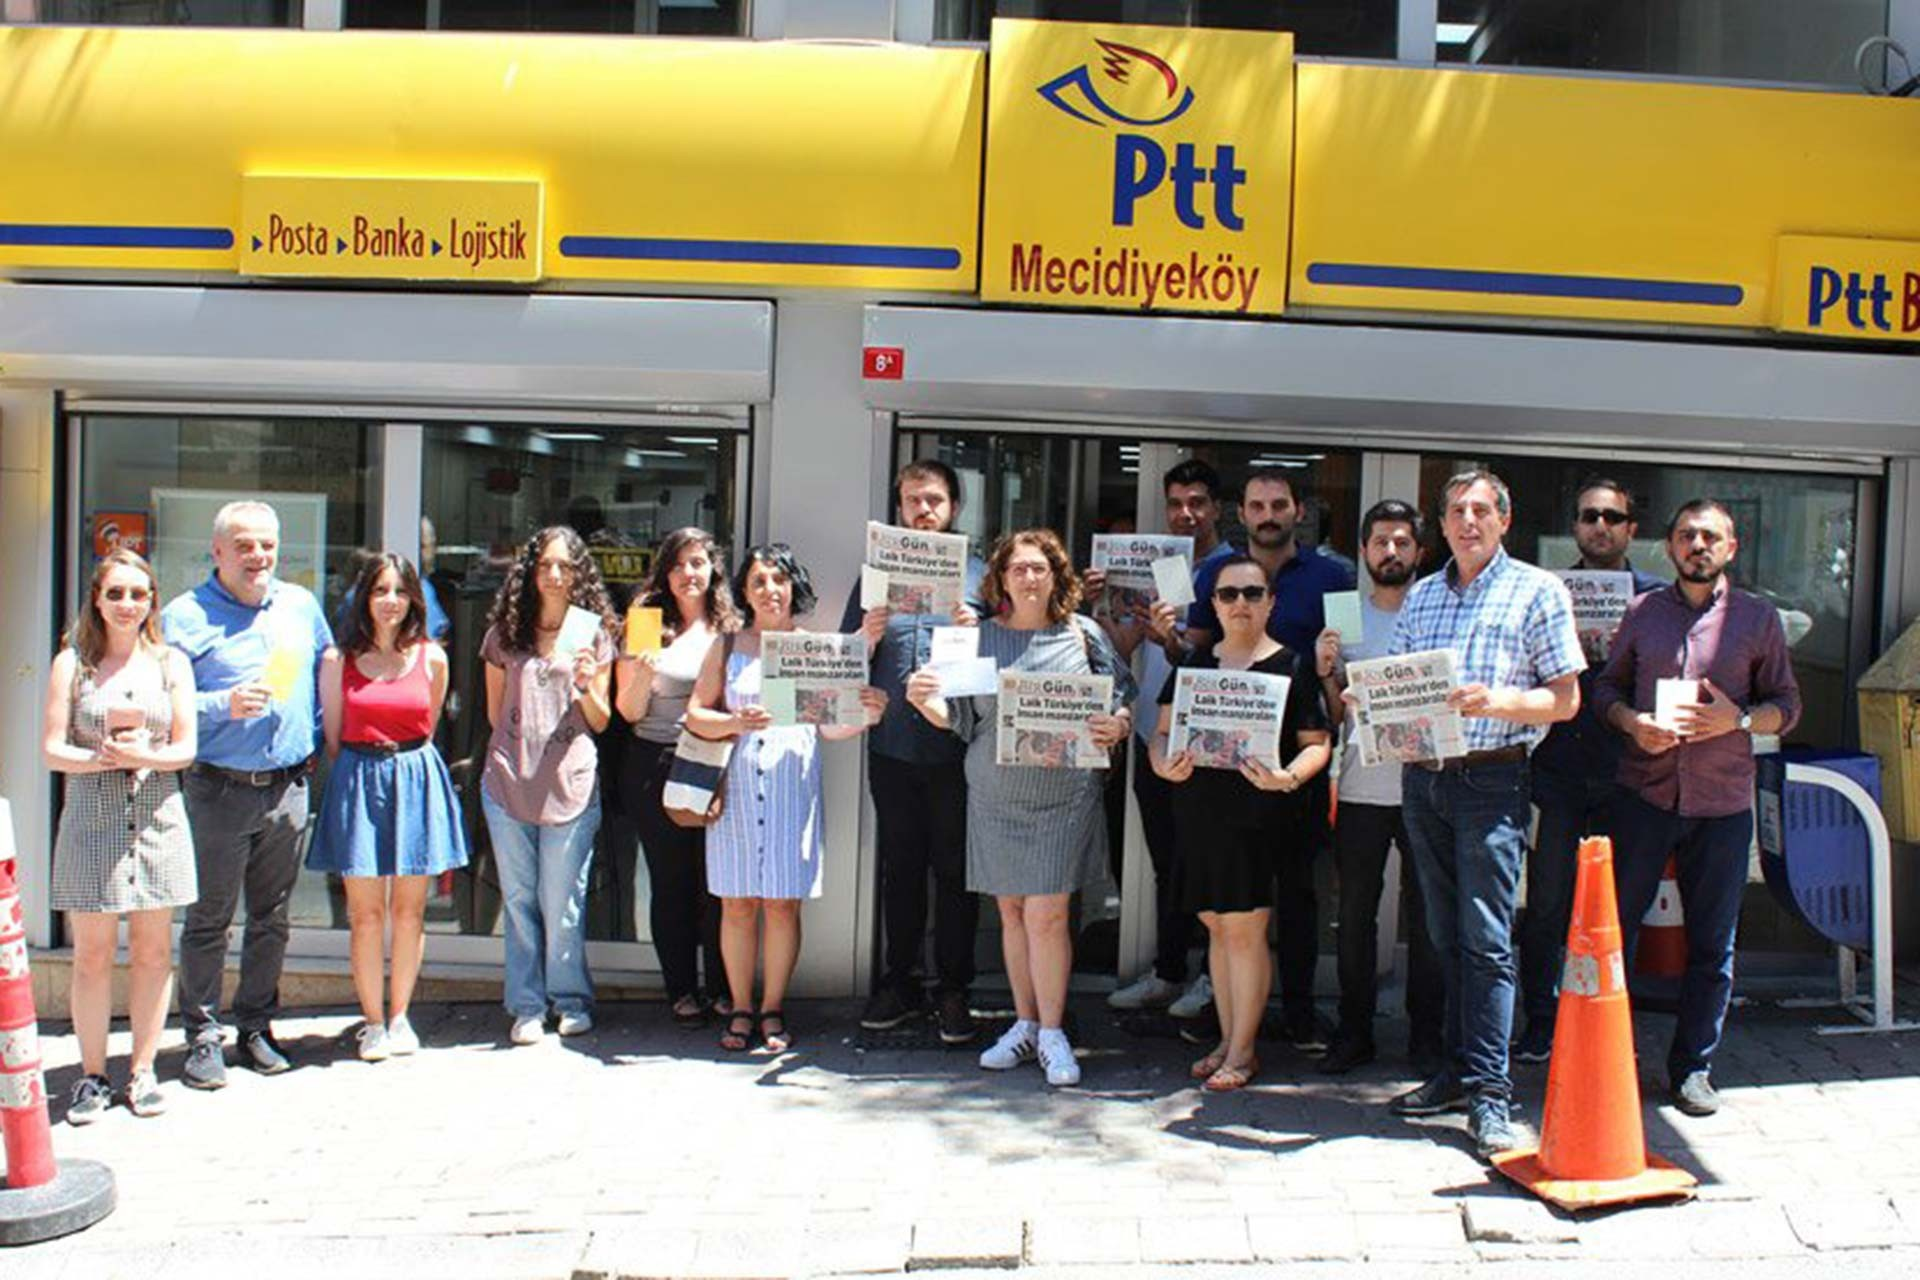 BirGün çalışanları, cezaevindeki Cumhuriyet gazetesi çalışanlarına kart yolladı